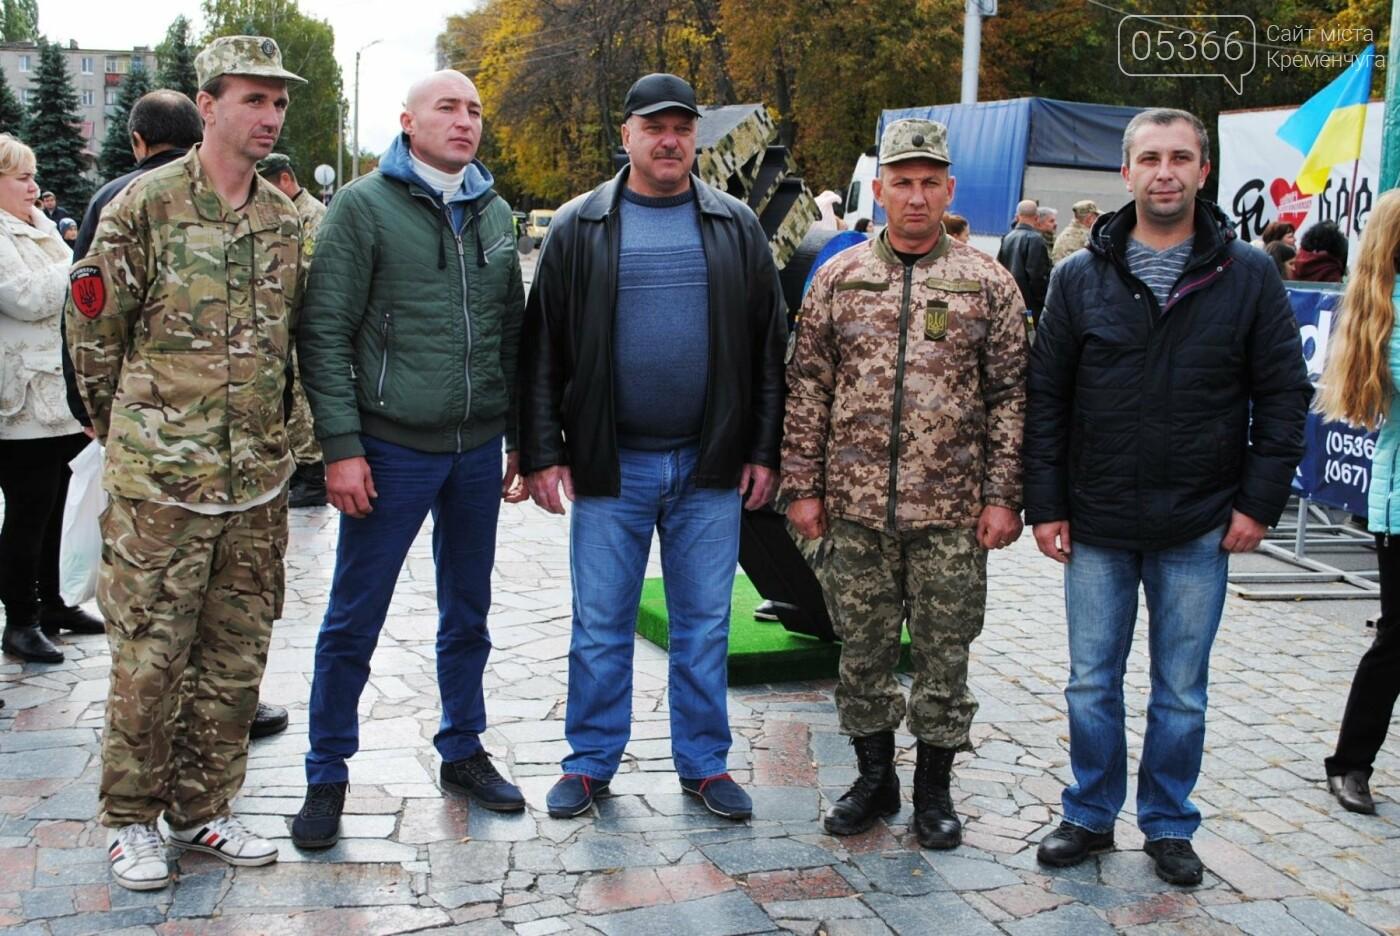 Кременчуг празднует День защитника Украины (фоторепортаж), фото-8